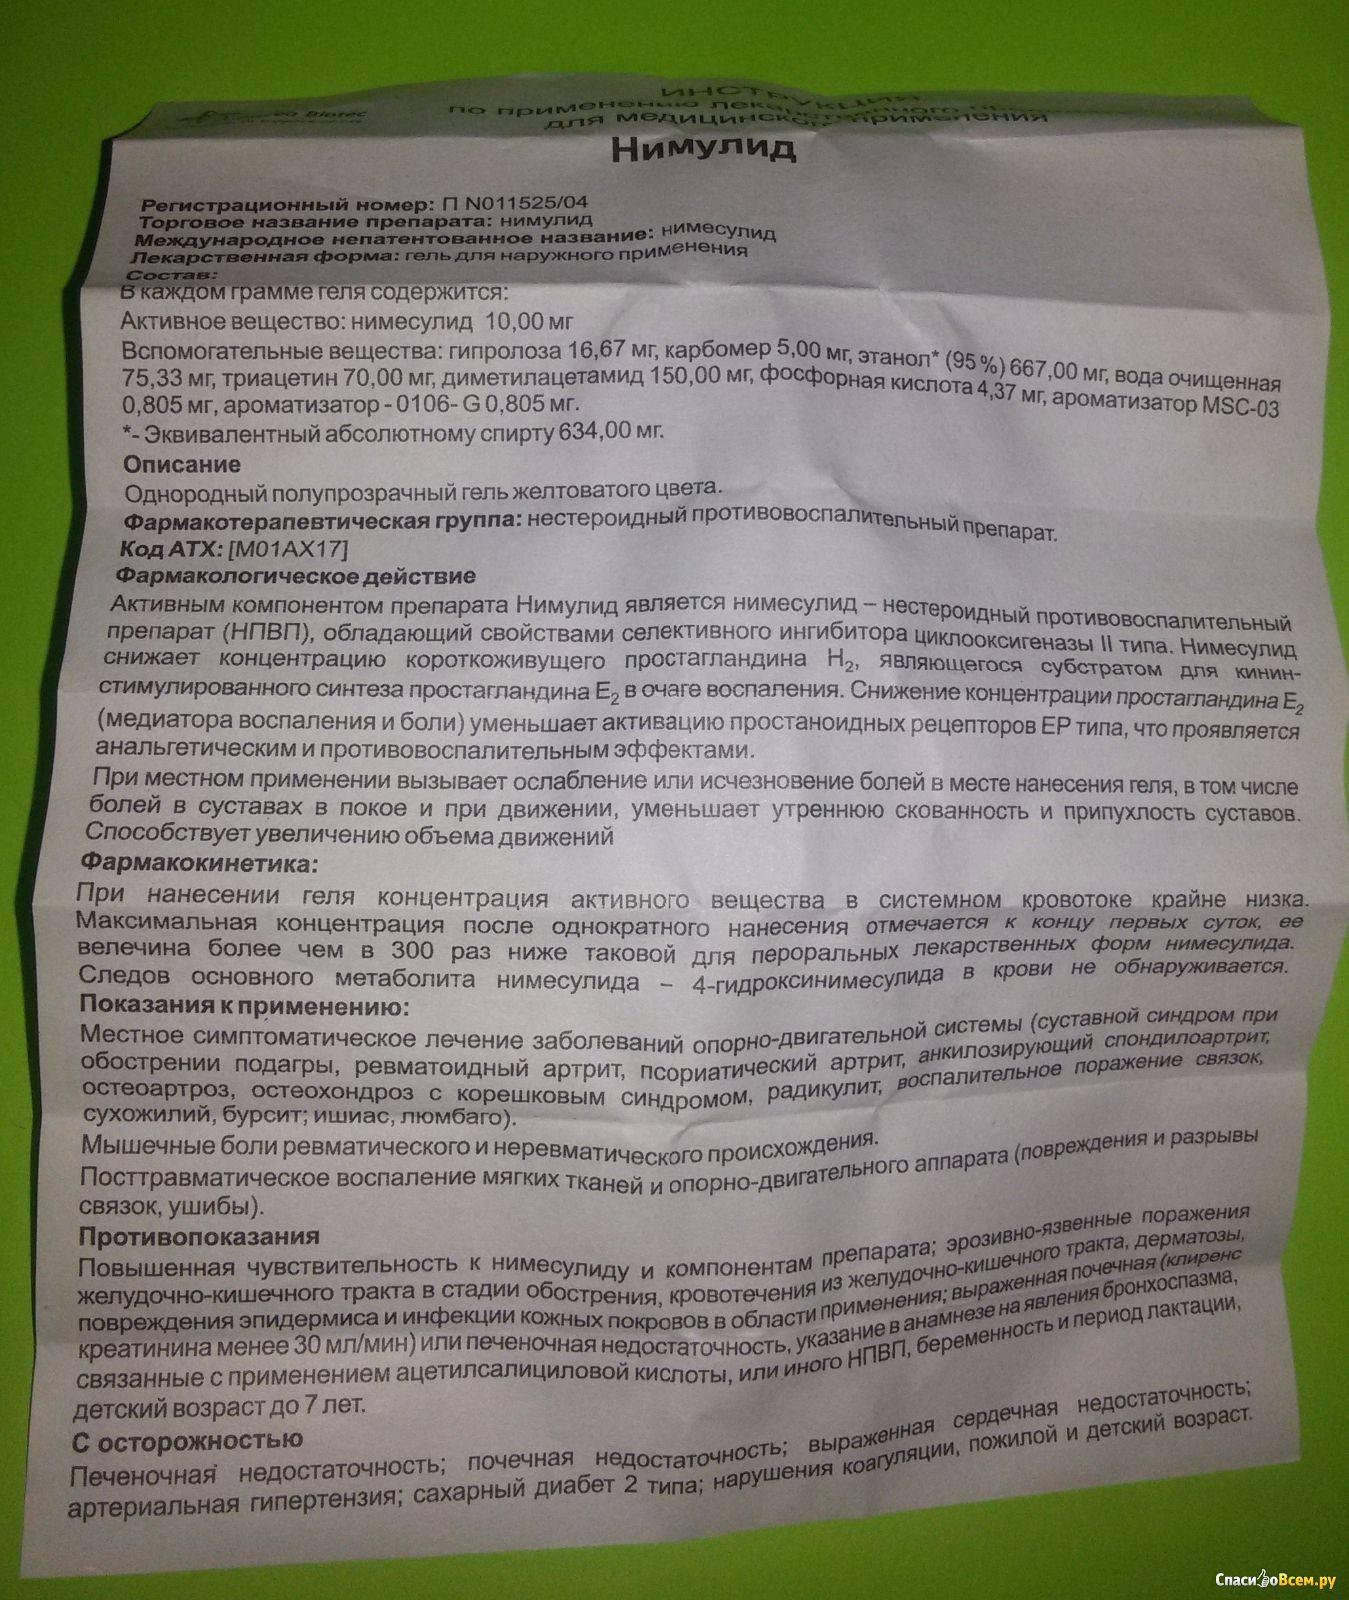 """Суспензия """"нимулид"""": инструкция по применению для детей при воспалительных процессах и температуре - все о суставах"""